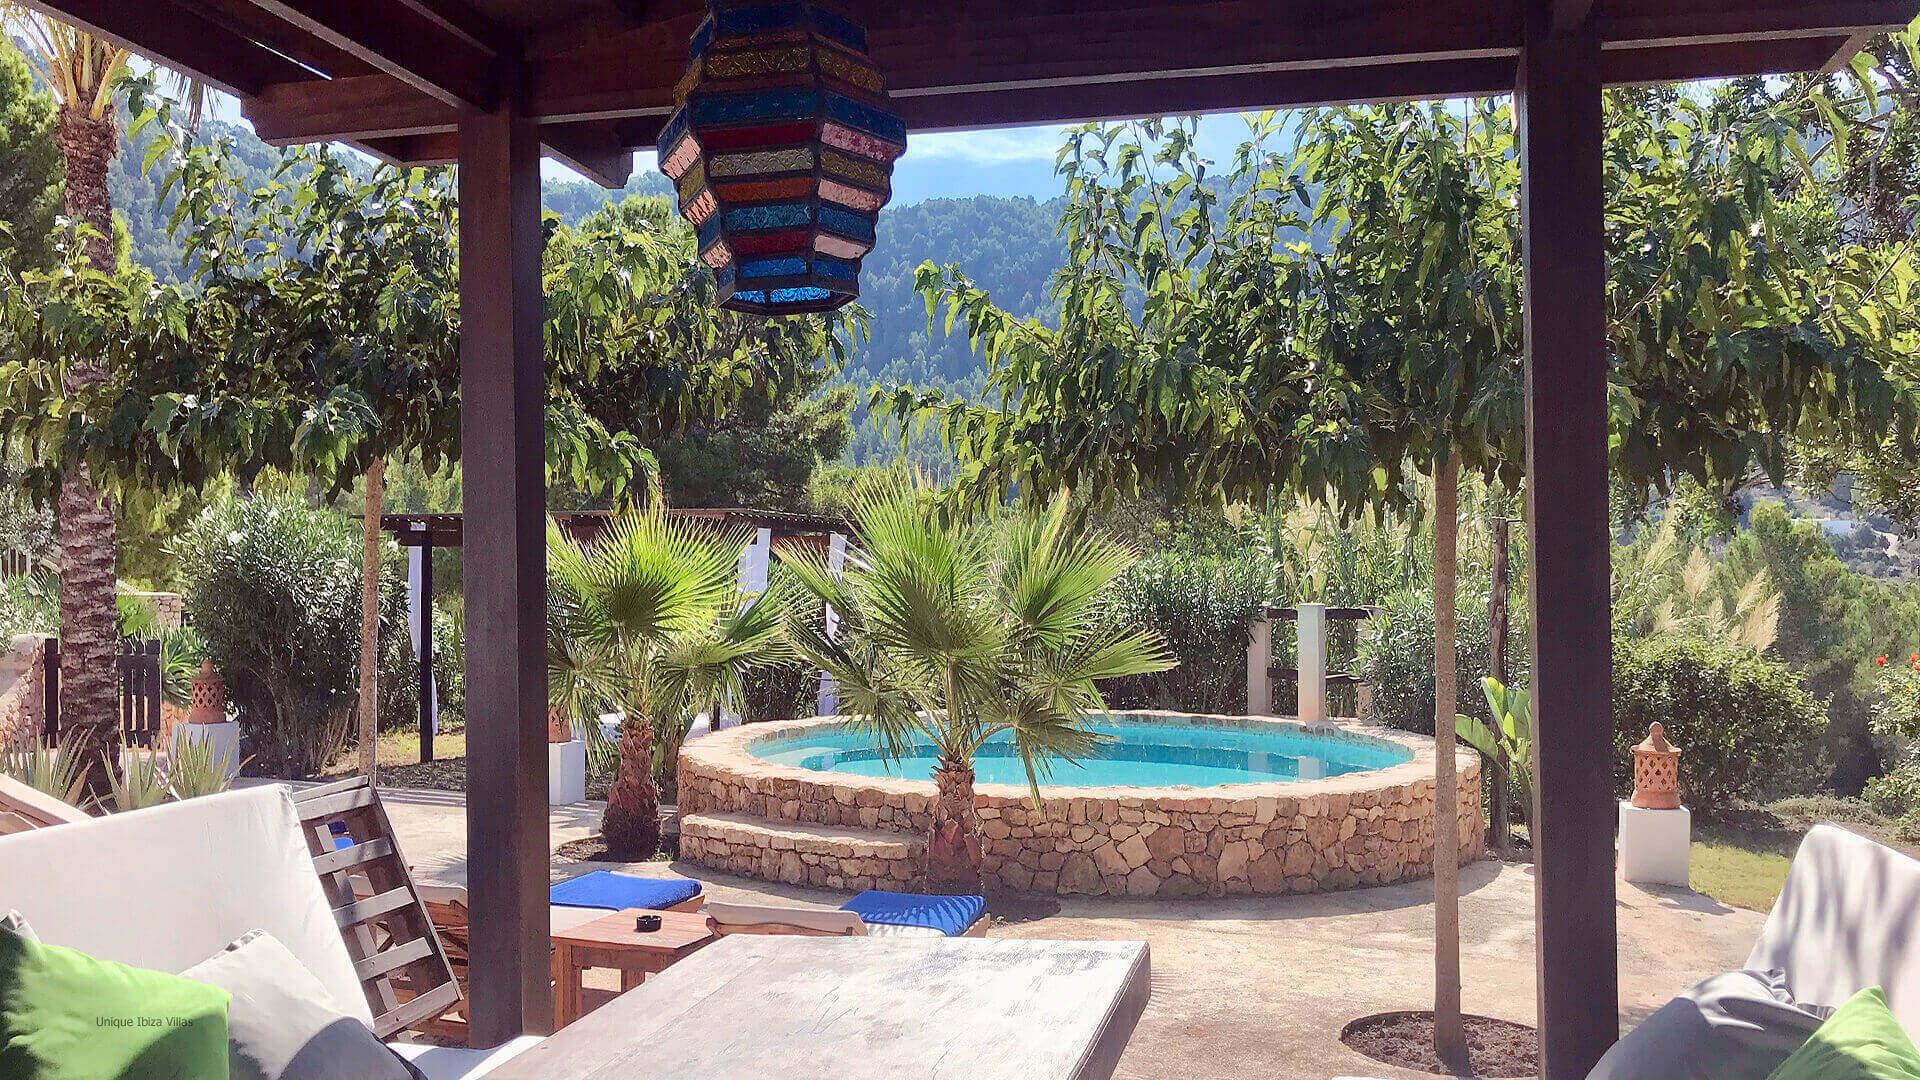 Villa Jade Ibiza 17 Cala Vadella